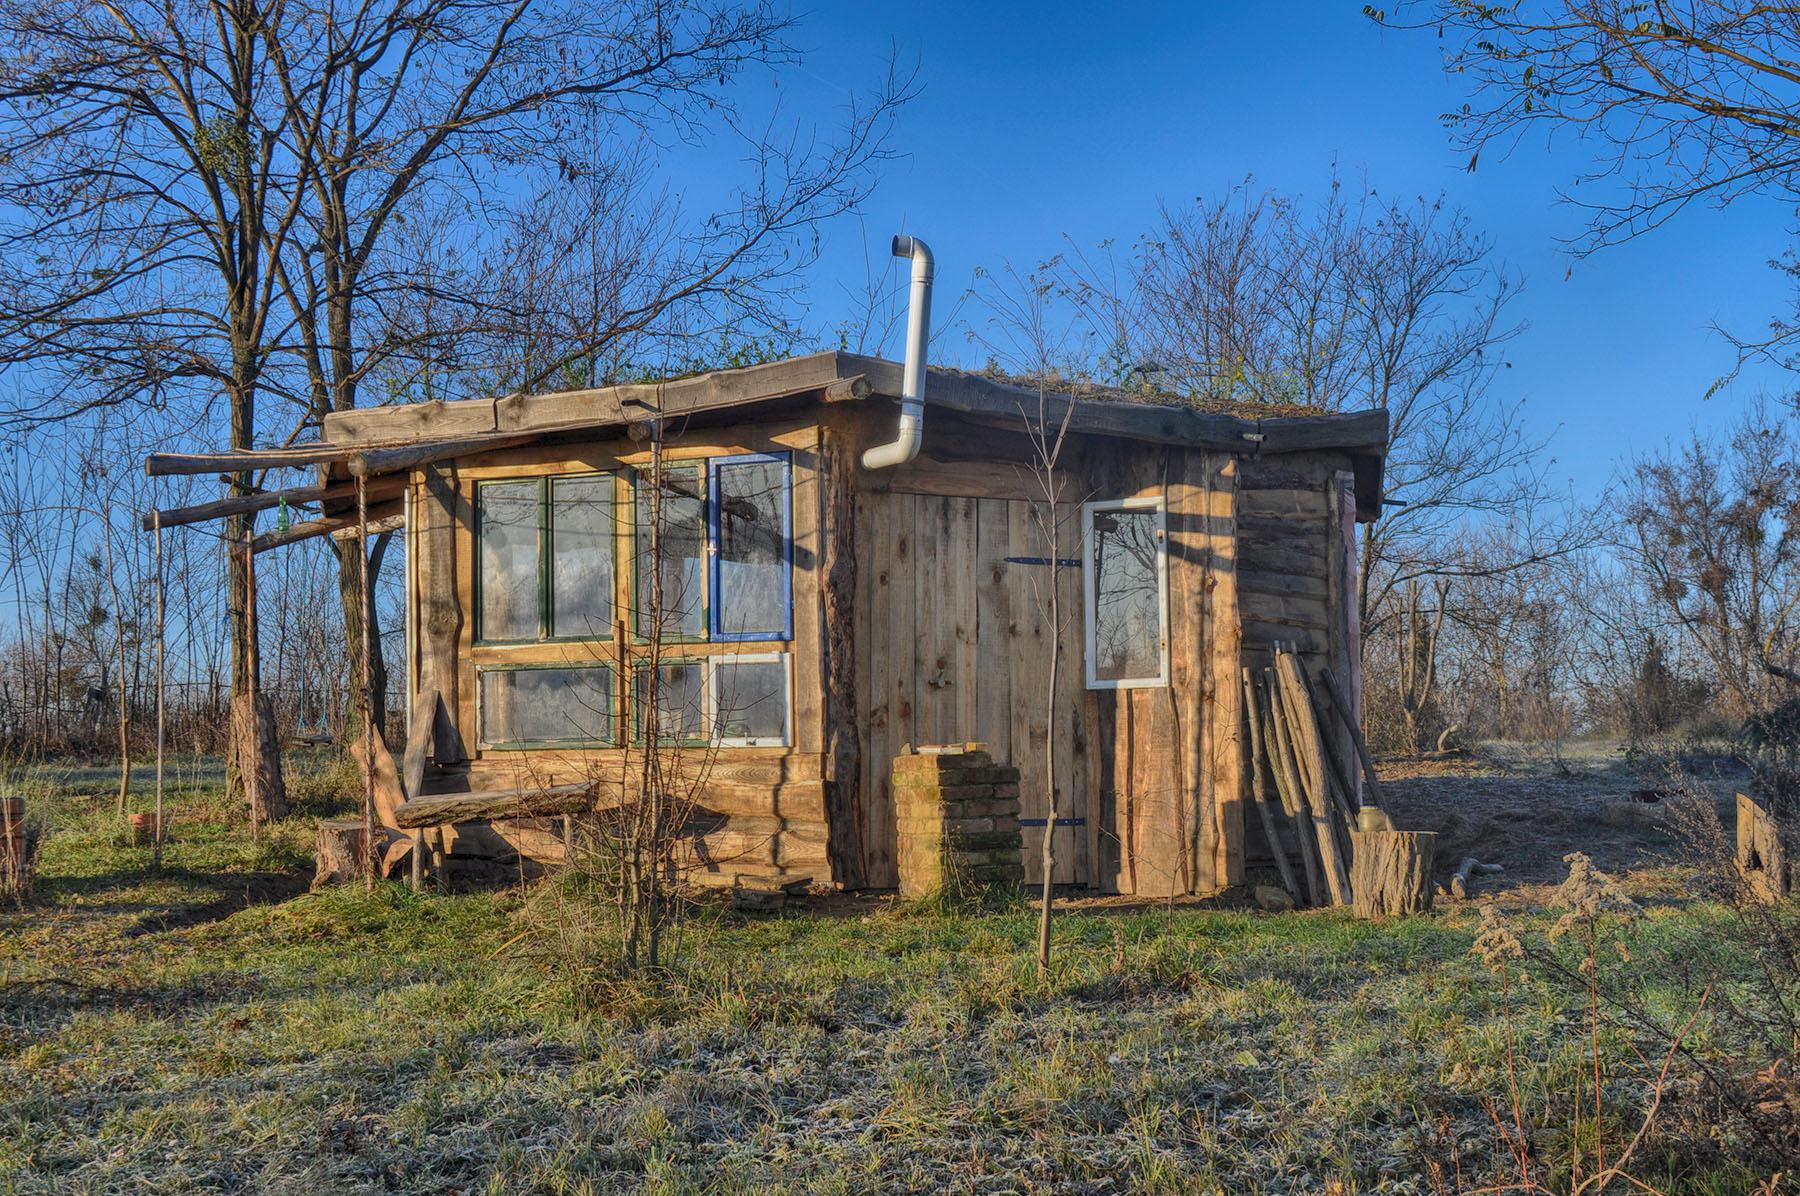 Sommerküche Diy : Sommerküche selber bauen feuerstelle im garten selber bauen